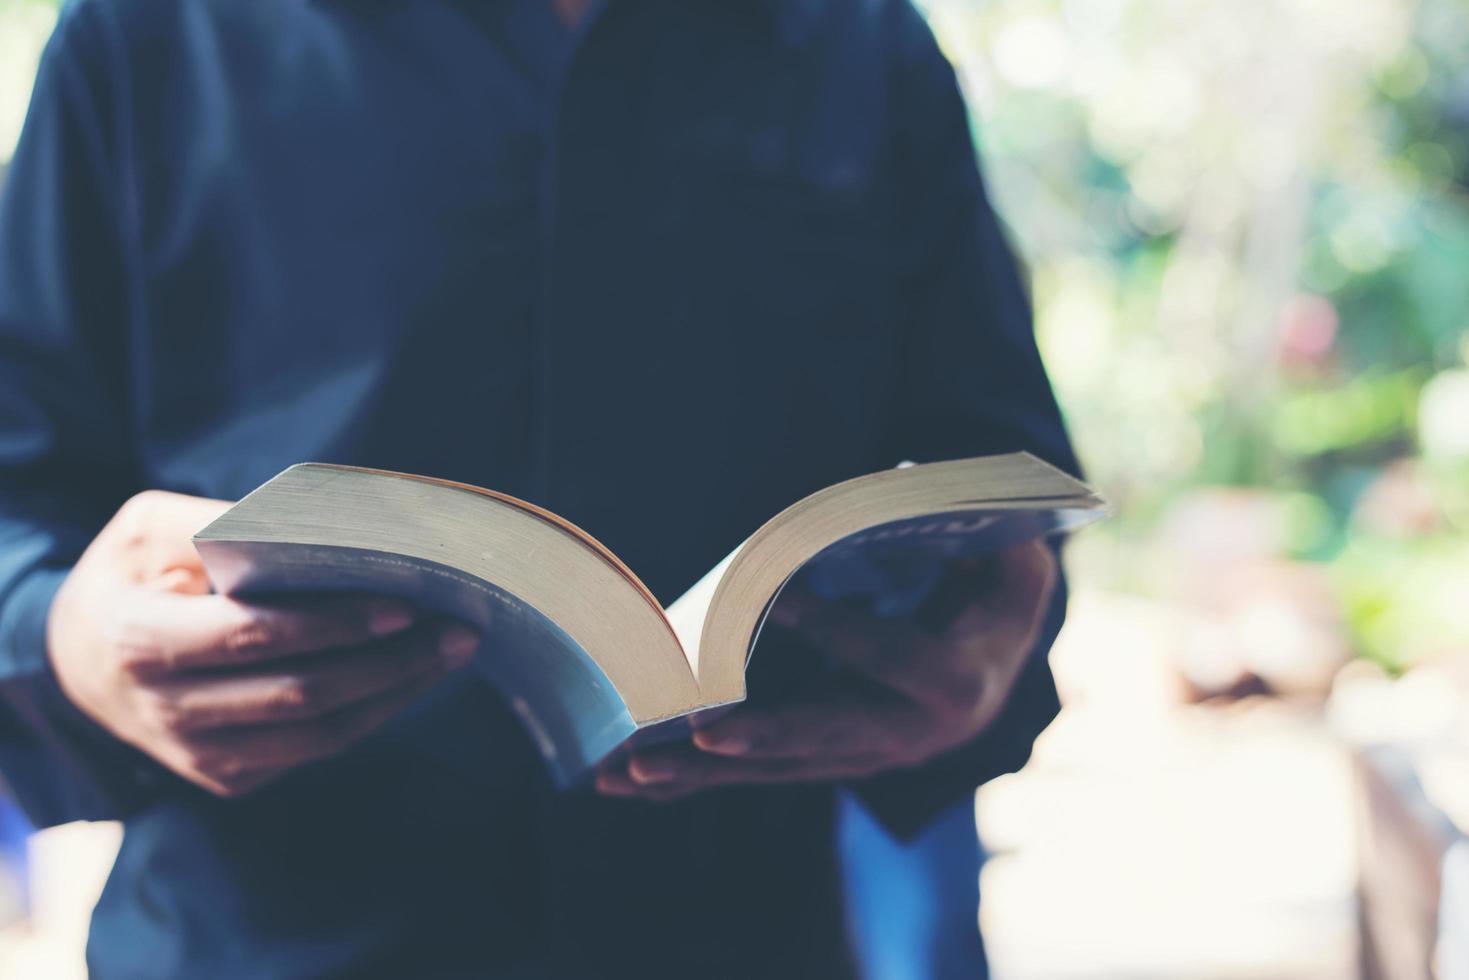 Mann liest ein Buch in seinen Händen foto